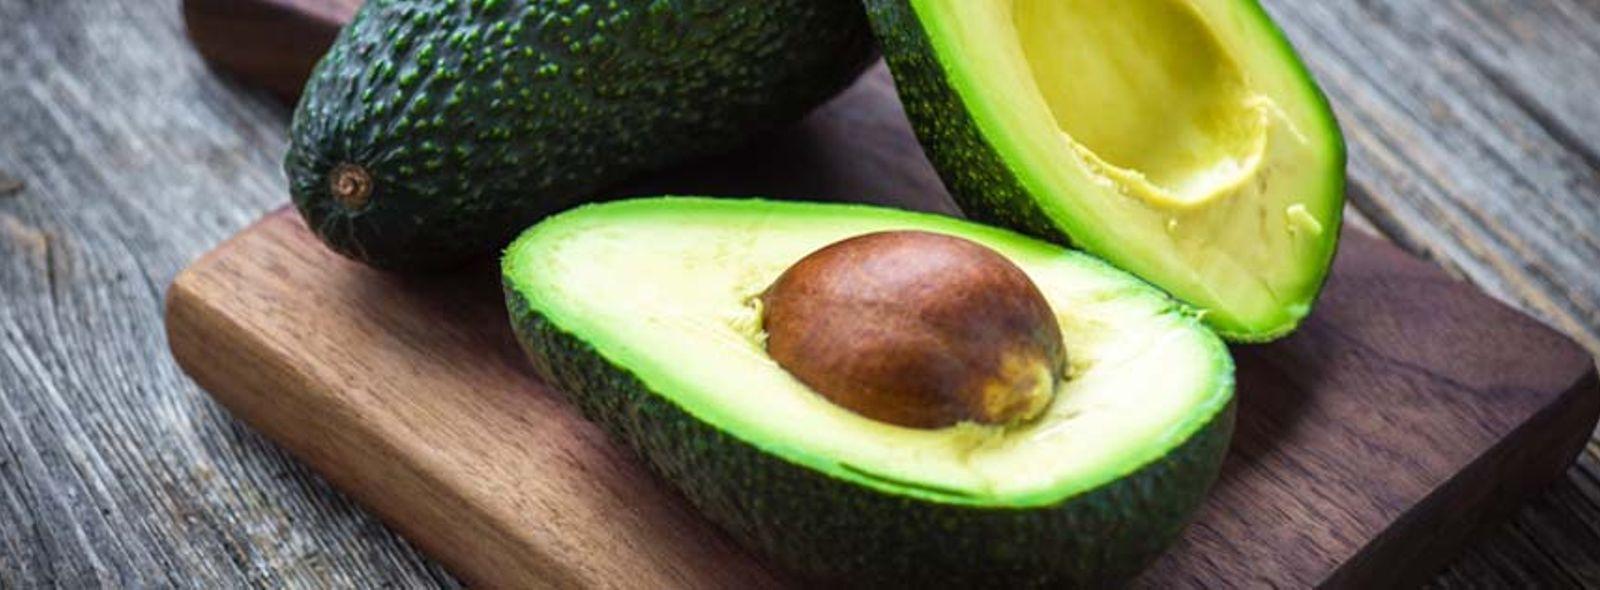 Si può mangiare l'avocado se si è a dieta